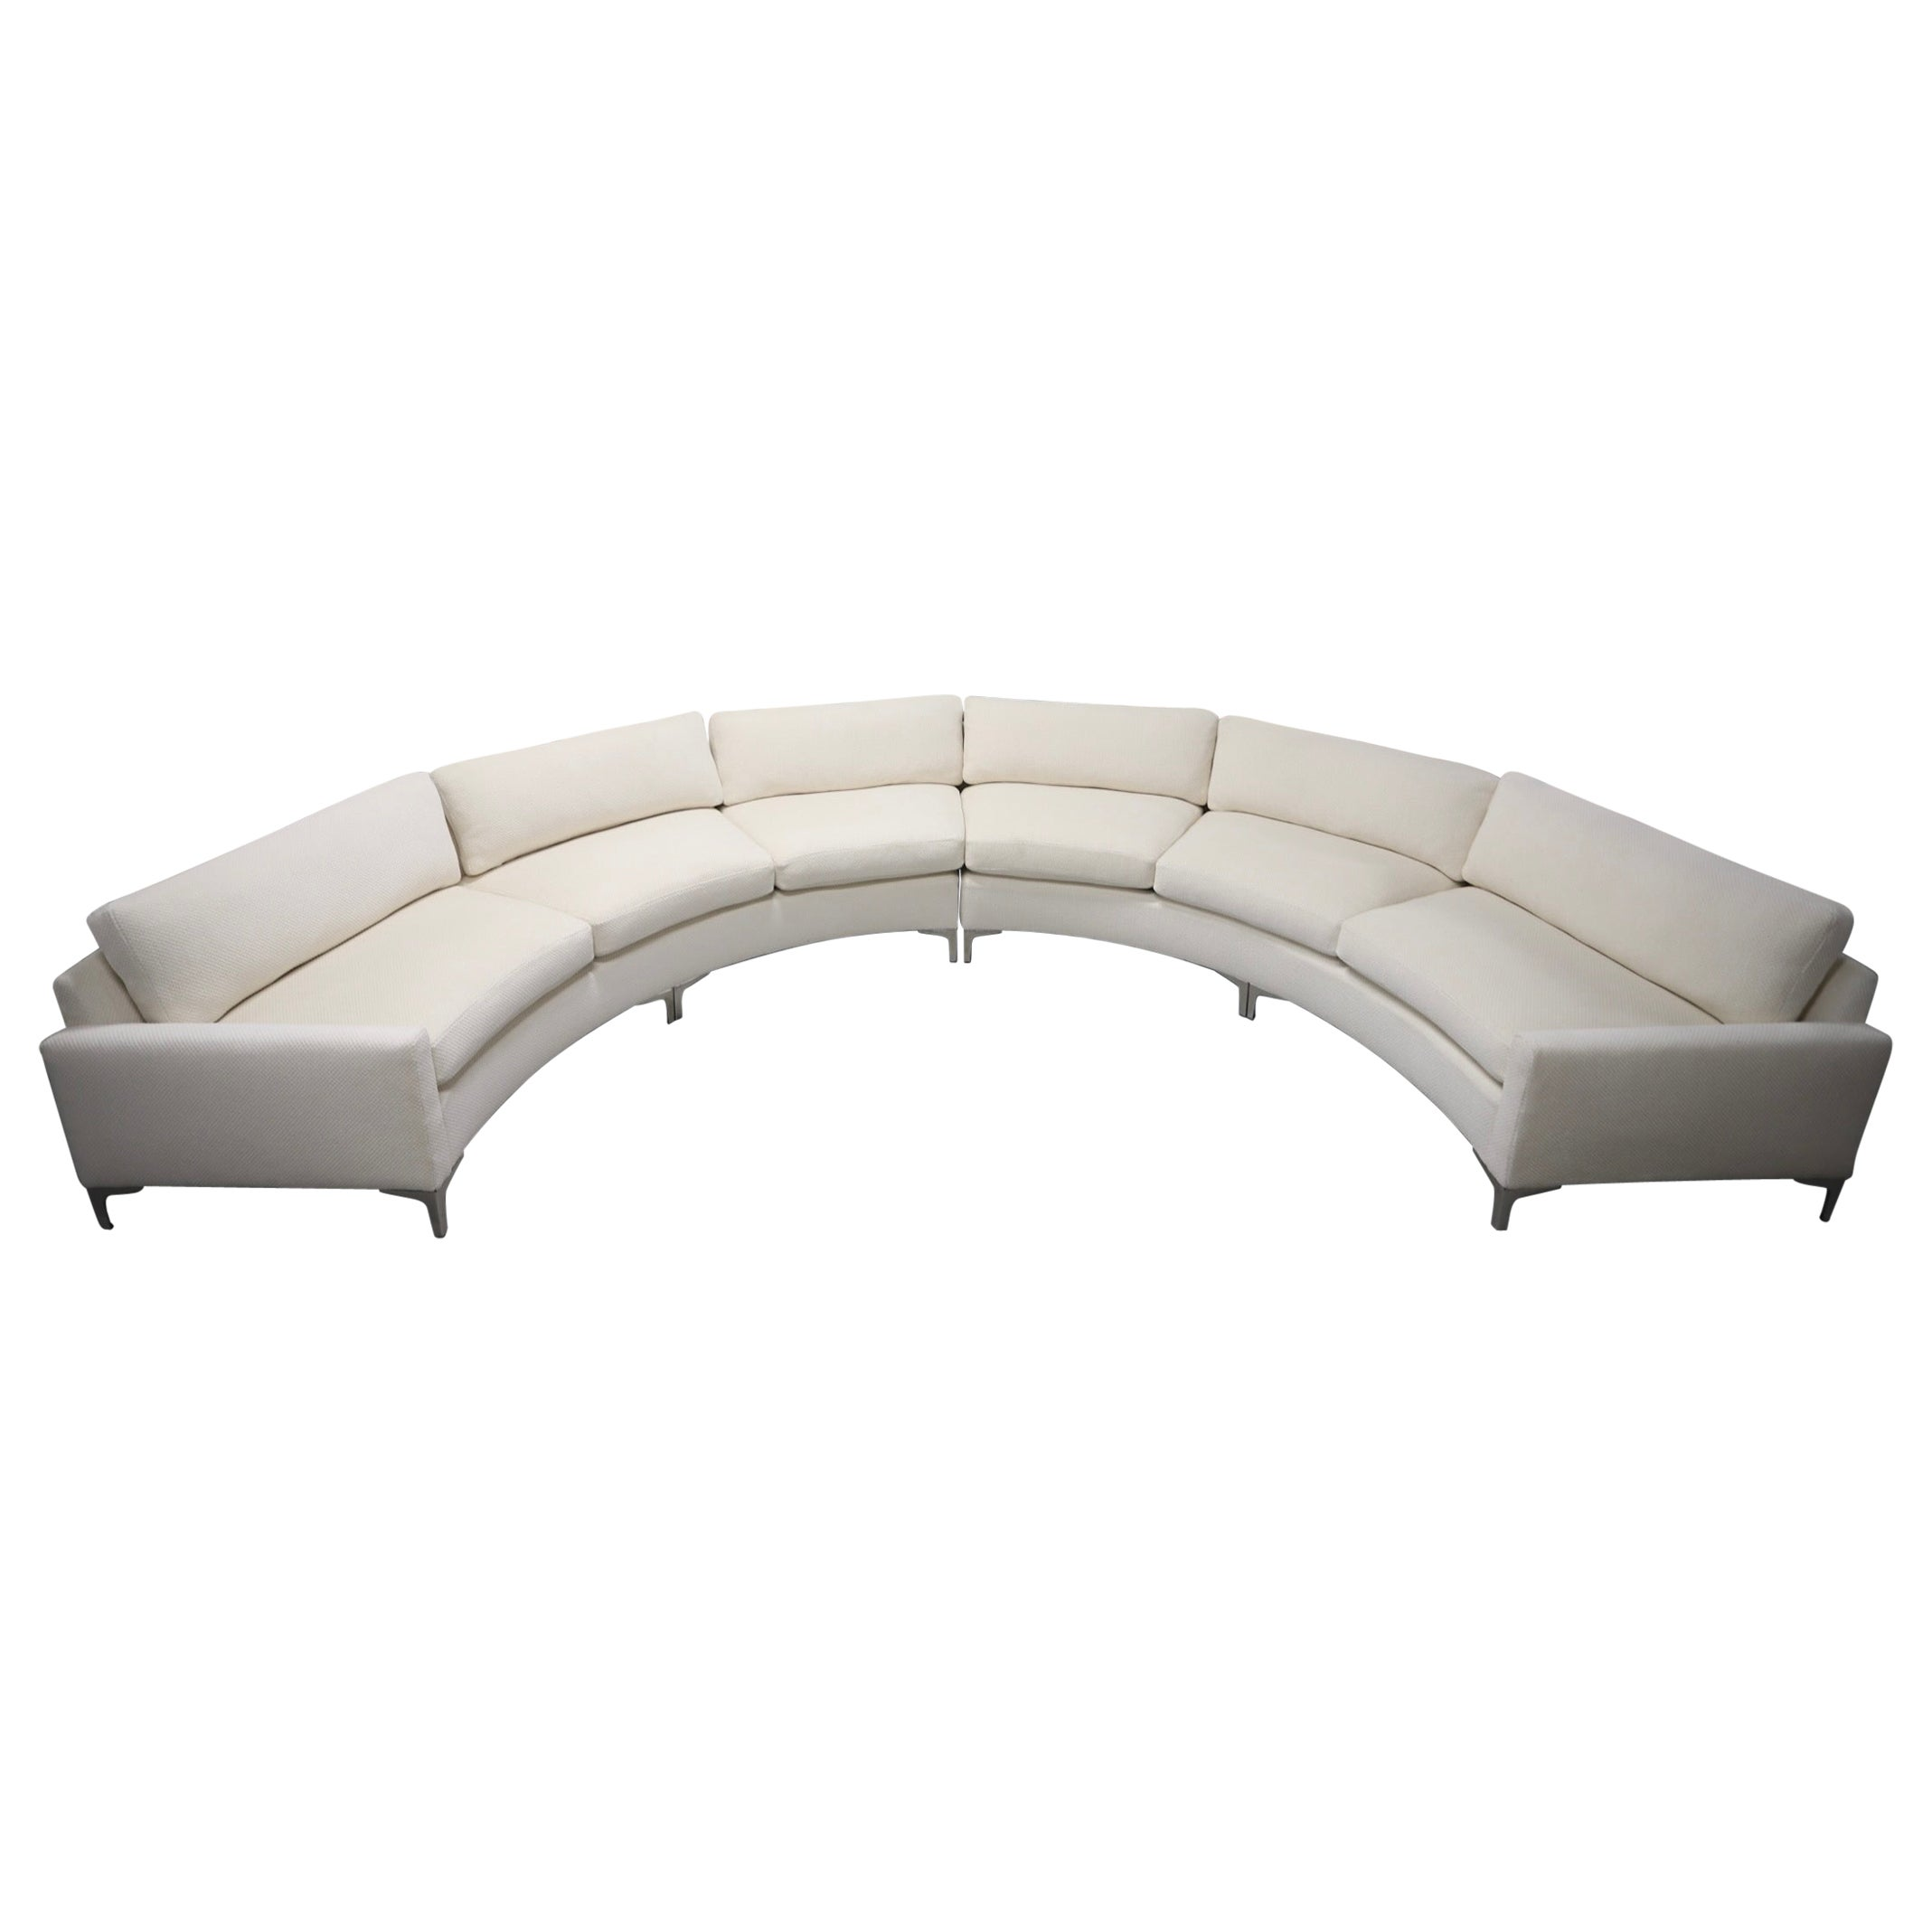 Circular Sectional C-Sofa